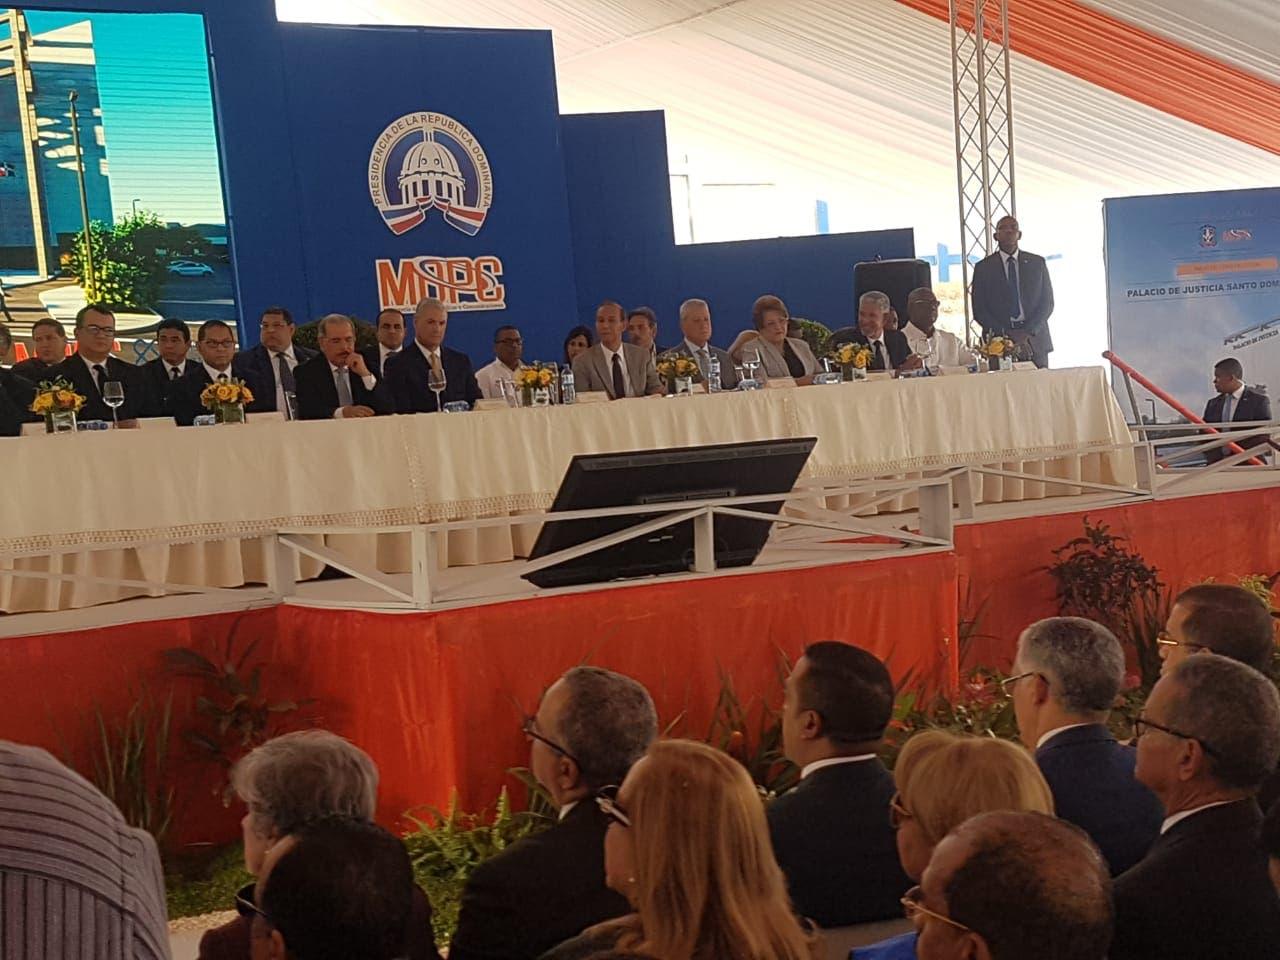 El presidente Danilo Medina junto a funcionarios de su gobierno en el acto de inicio de los trabajos de construcción del Palacio de Justicia en Santo Domingo Este.